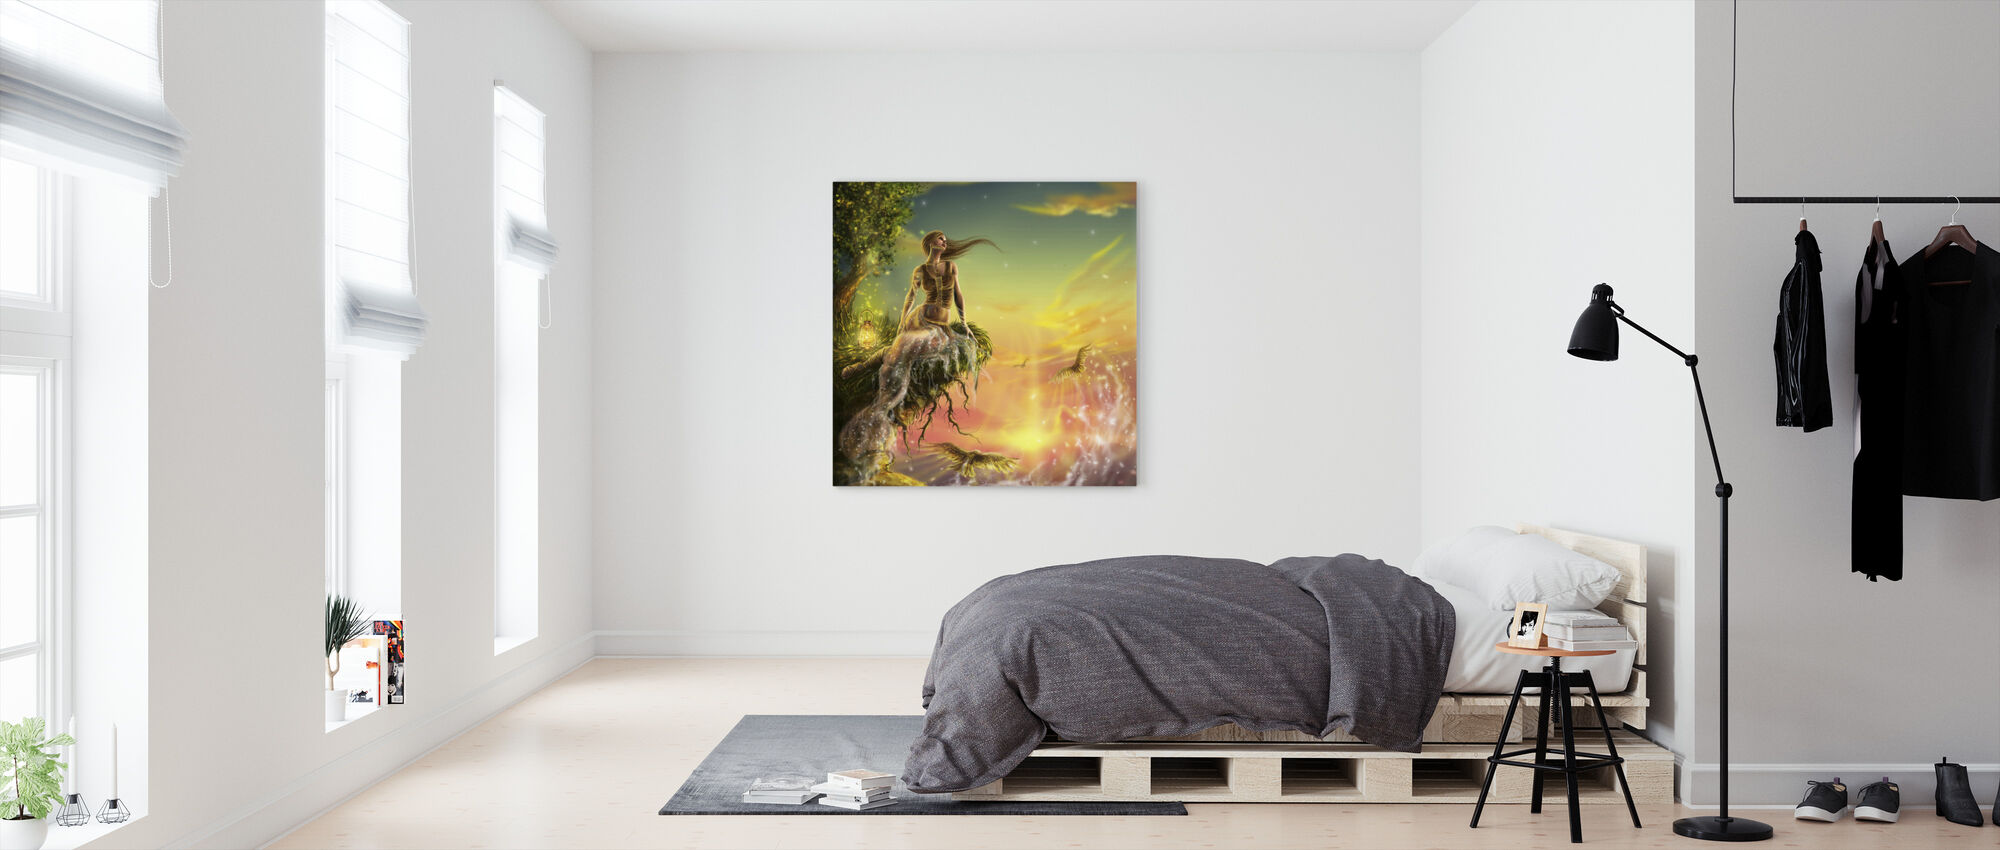 Golden Night - Canvas print - Bedroom